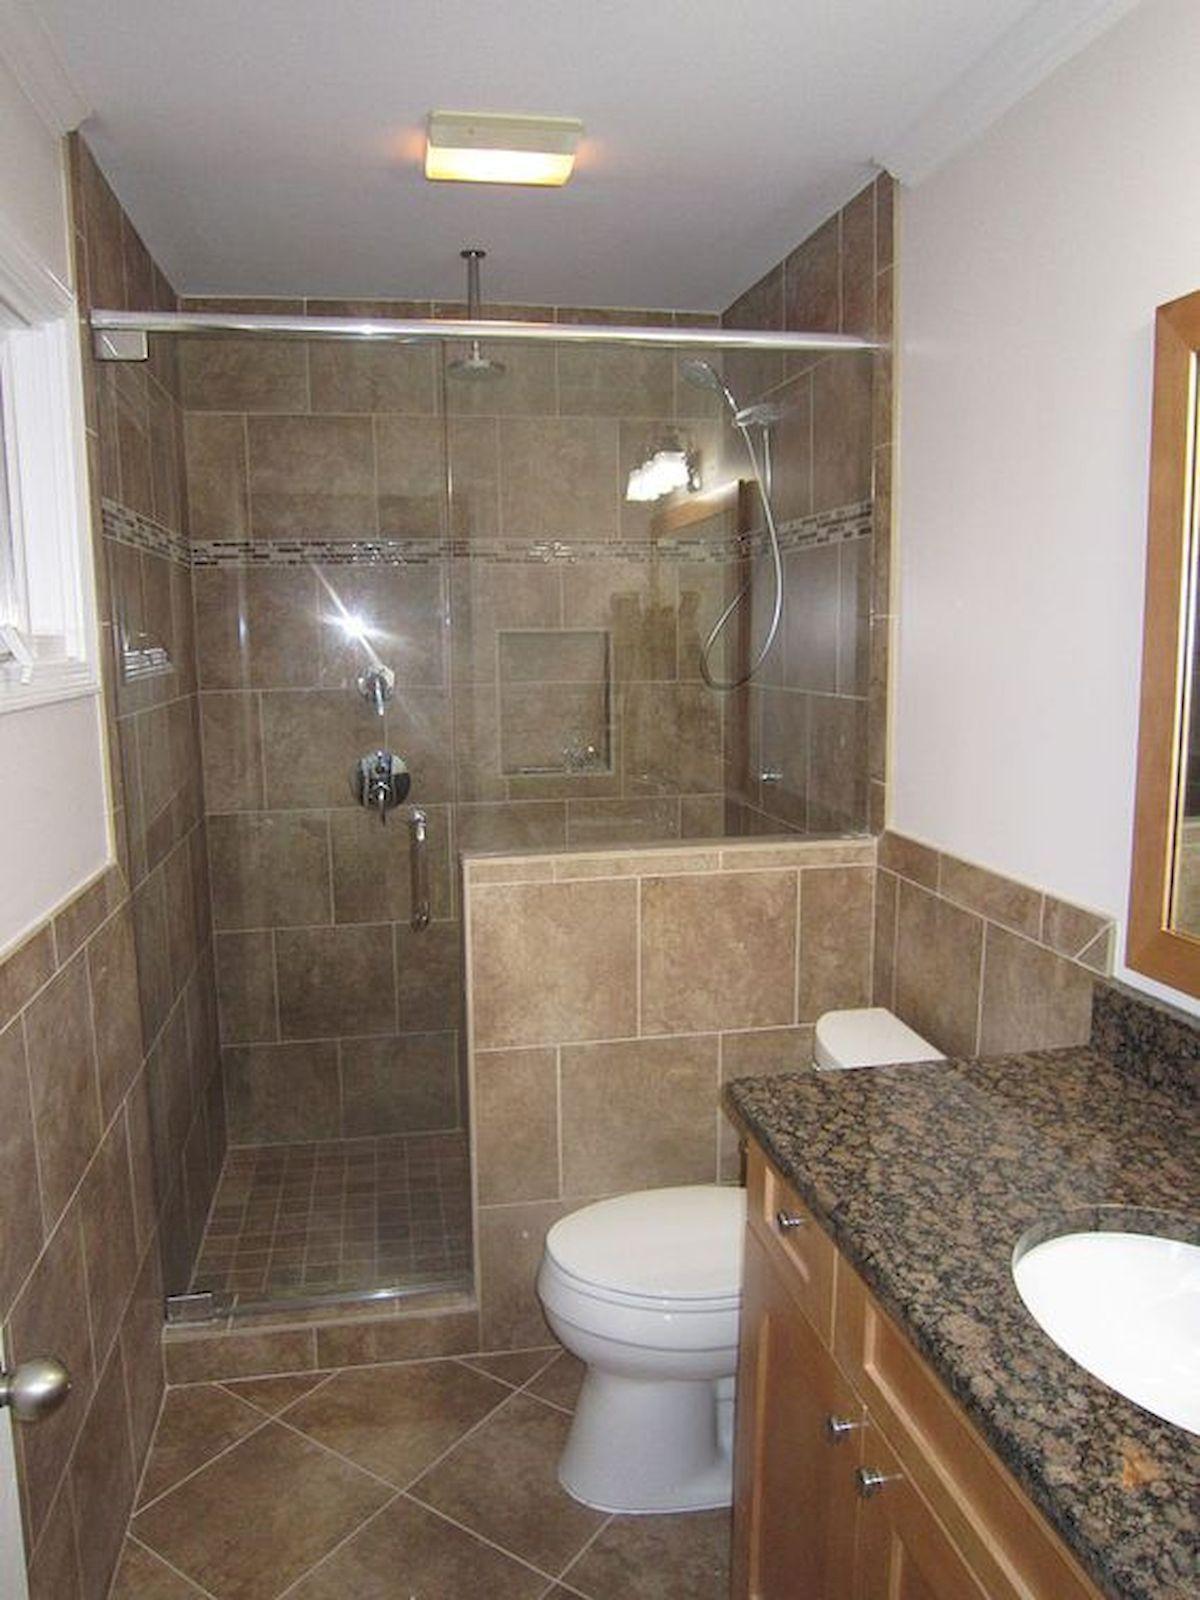 60 elegant small master bathroom remodel ideas 42 on bathroom renovation ideas id=77347